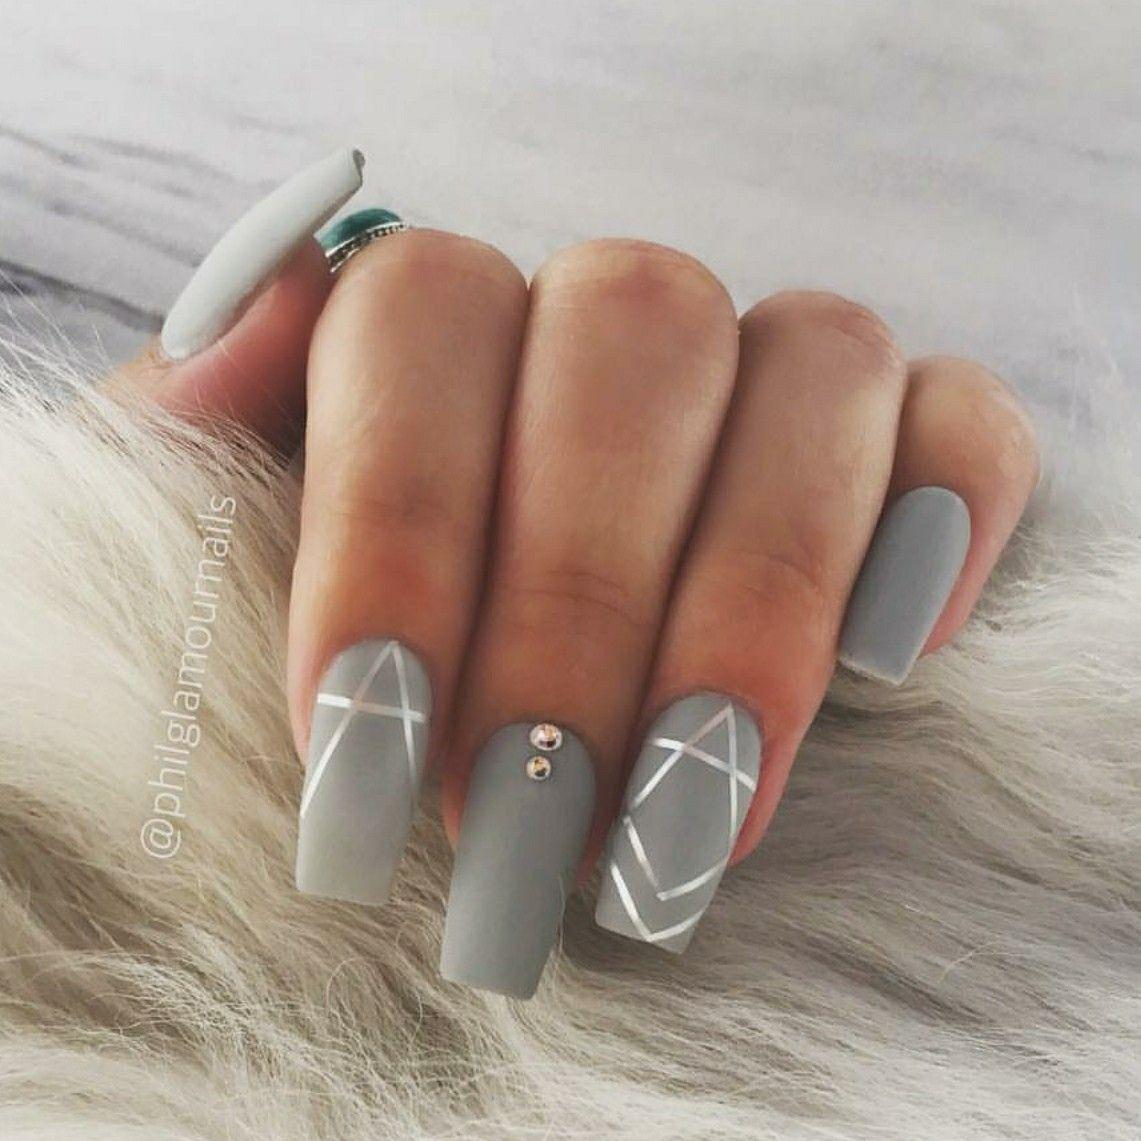 Light Grey Matte Nails Nails Beautyinthebag Matte Nail Colors Trendy Nails Matte Nails Design